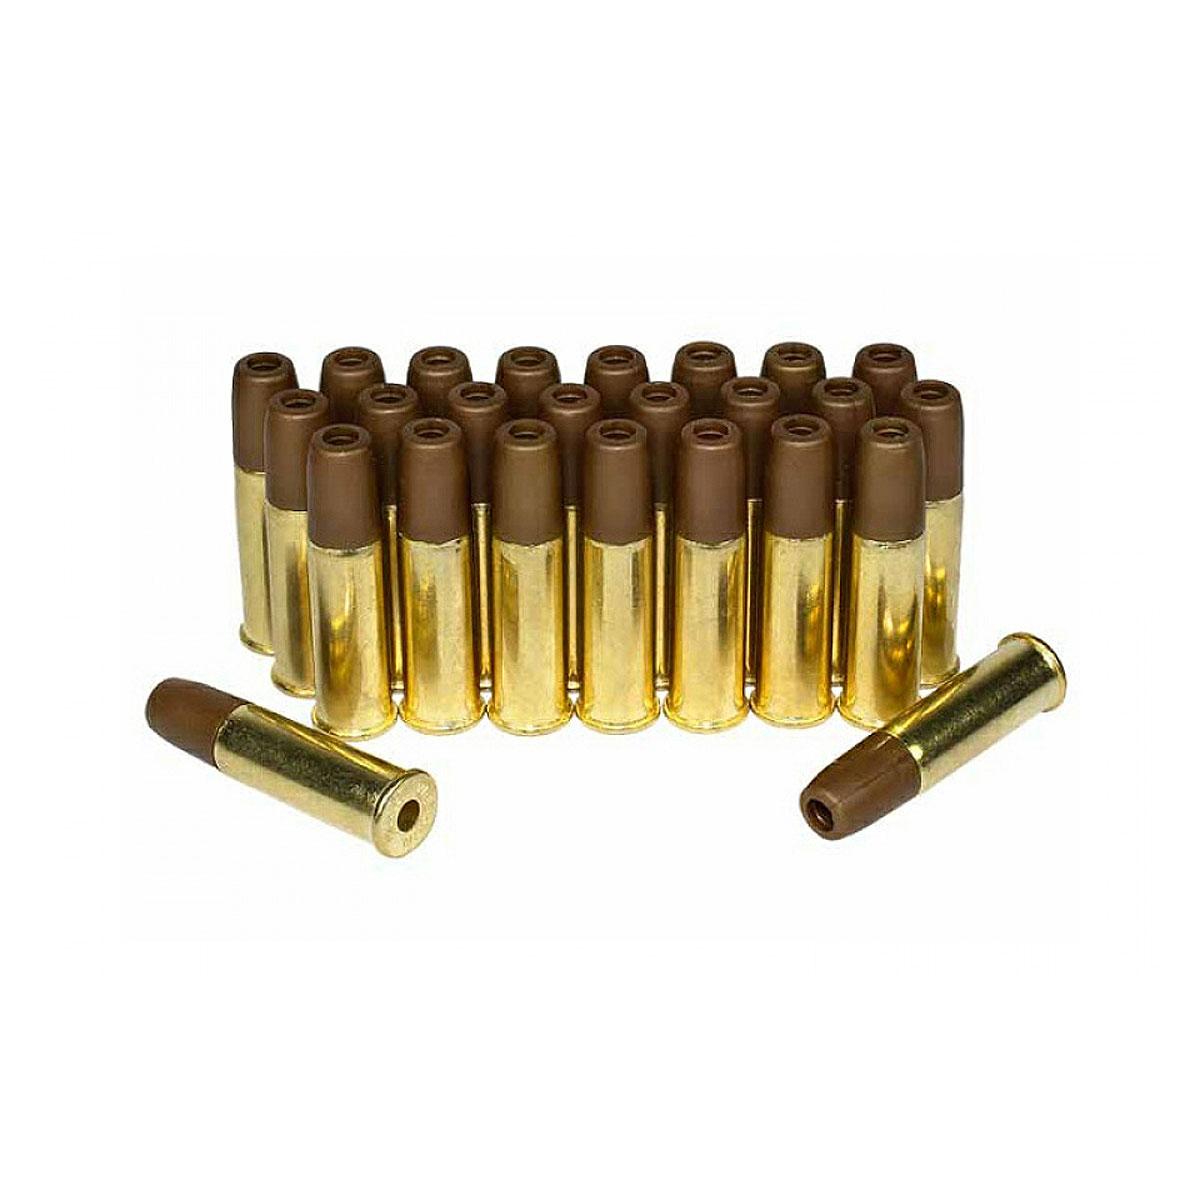 ASG фальш-патроны 4,5 мм для револьверов